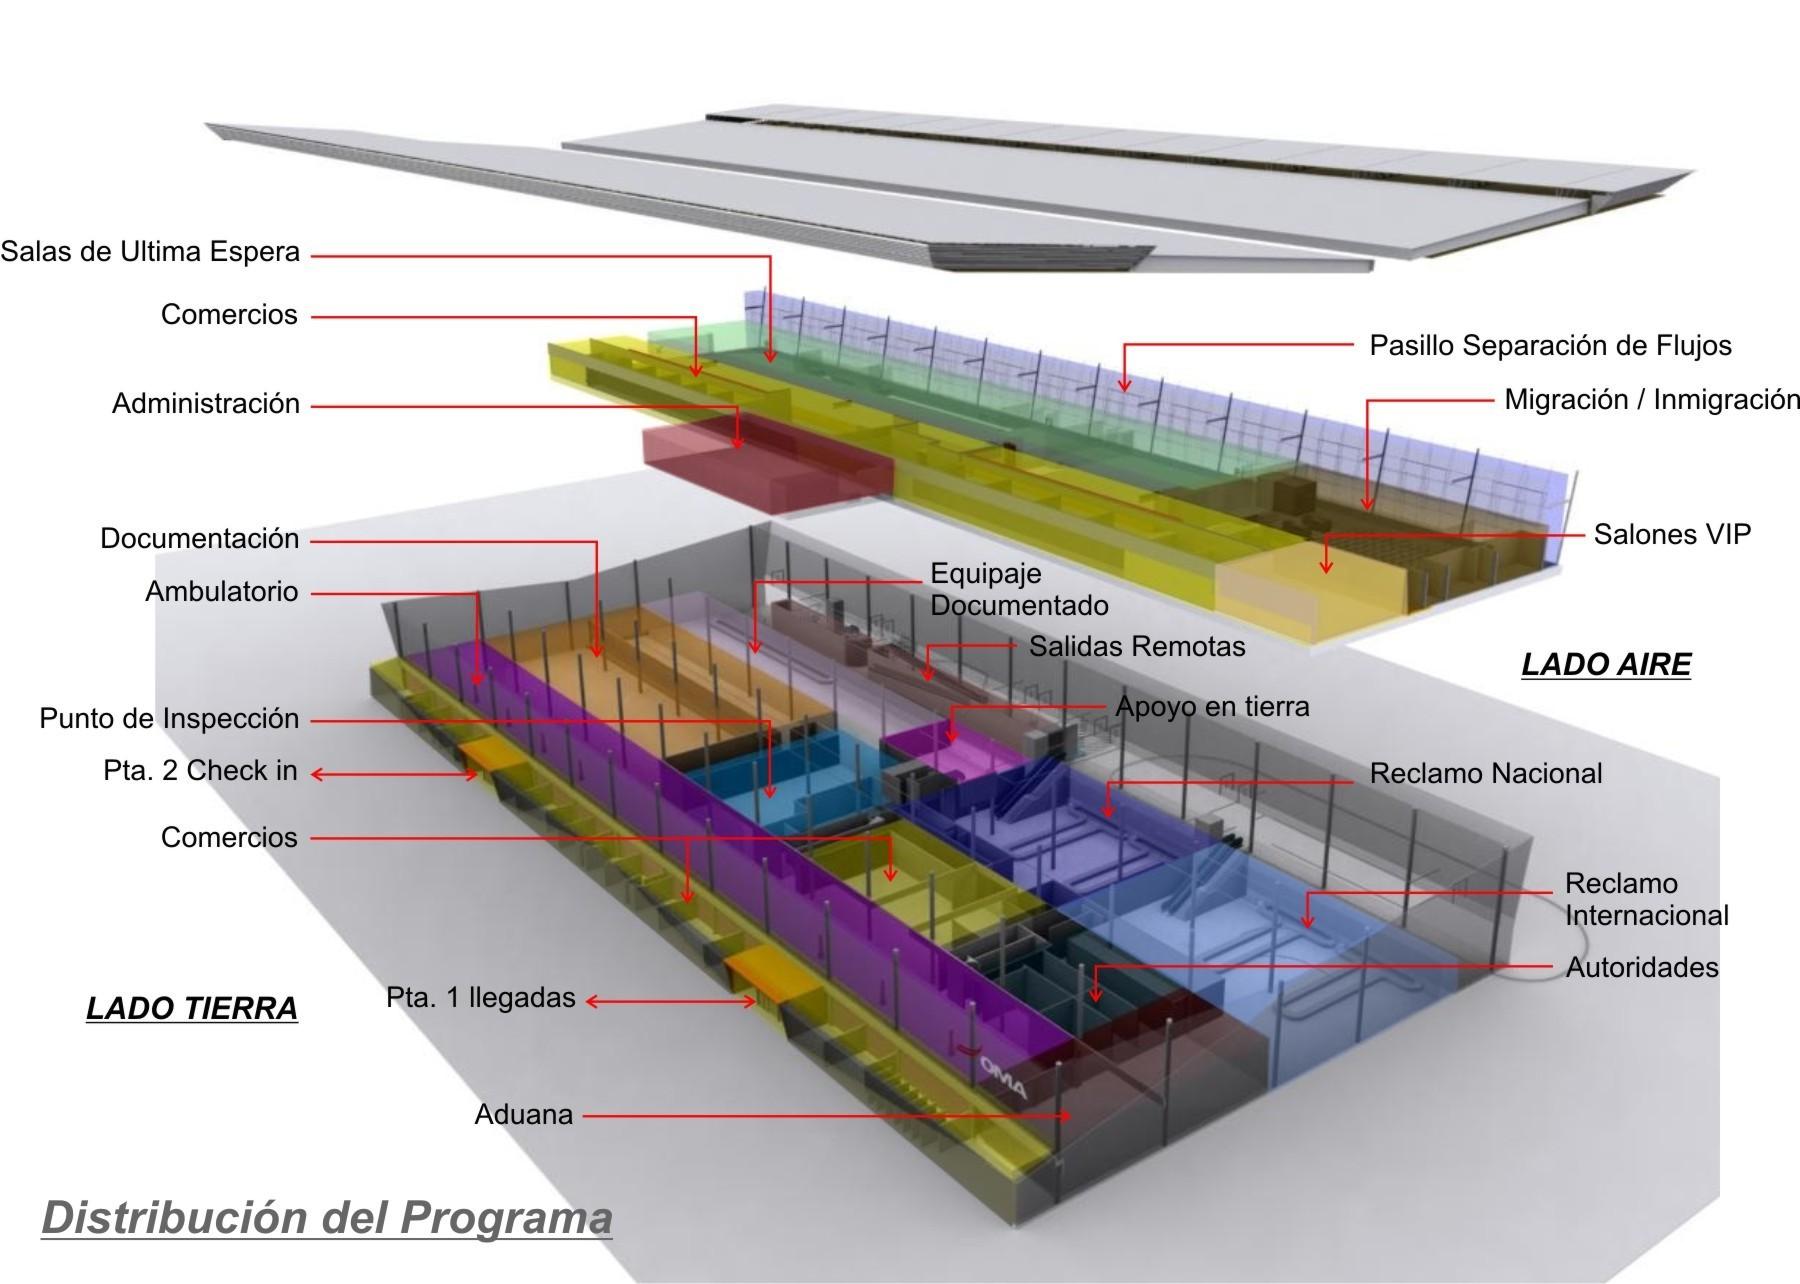 Propuesta del concurso para el nuevo aeropuerto de for Busco arquitecto para proyecto